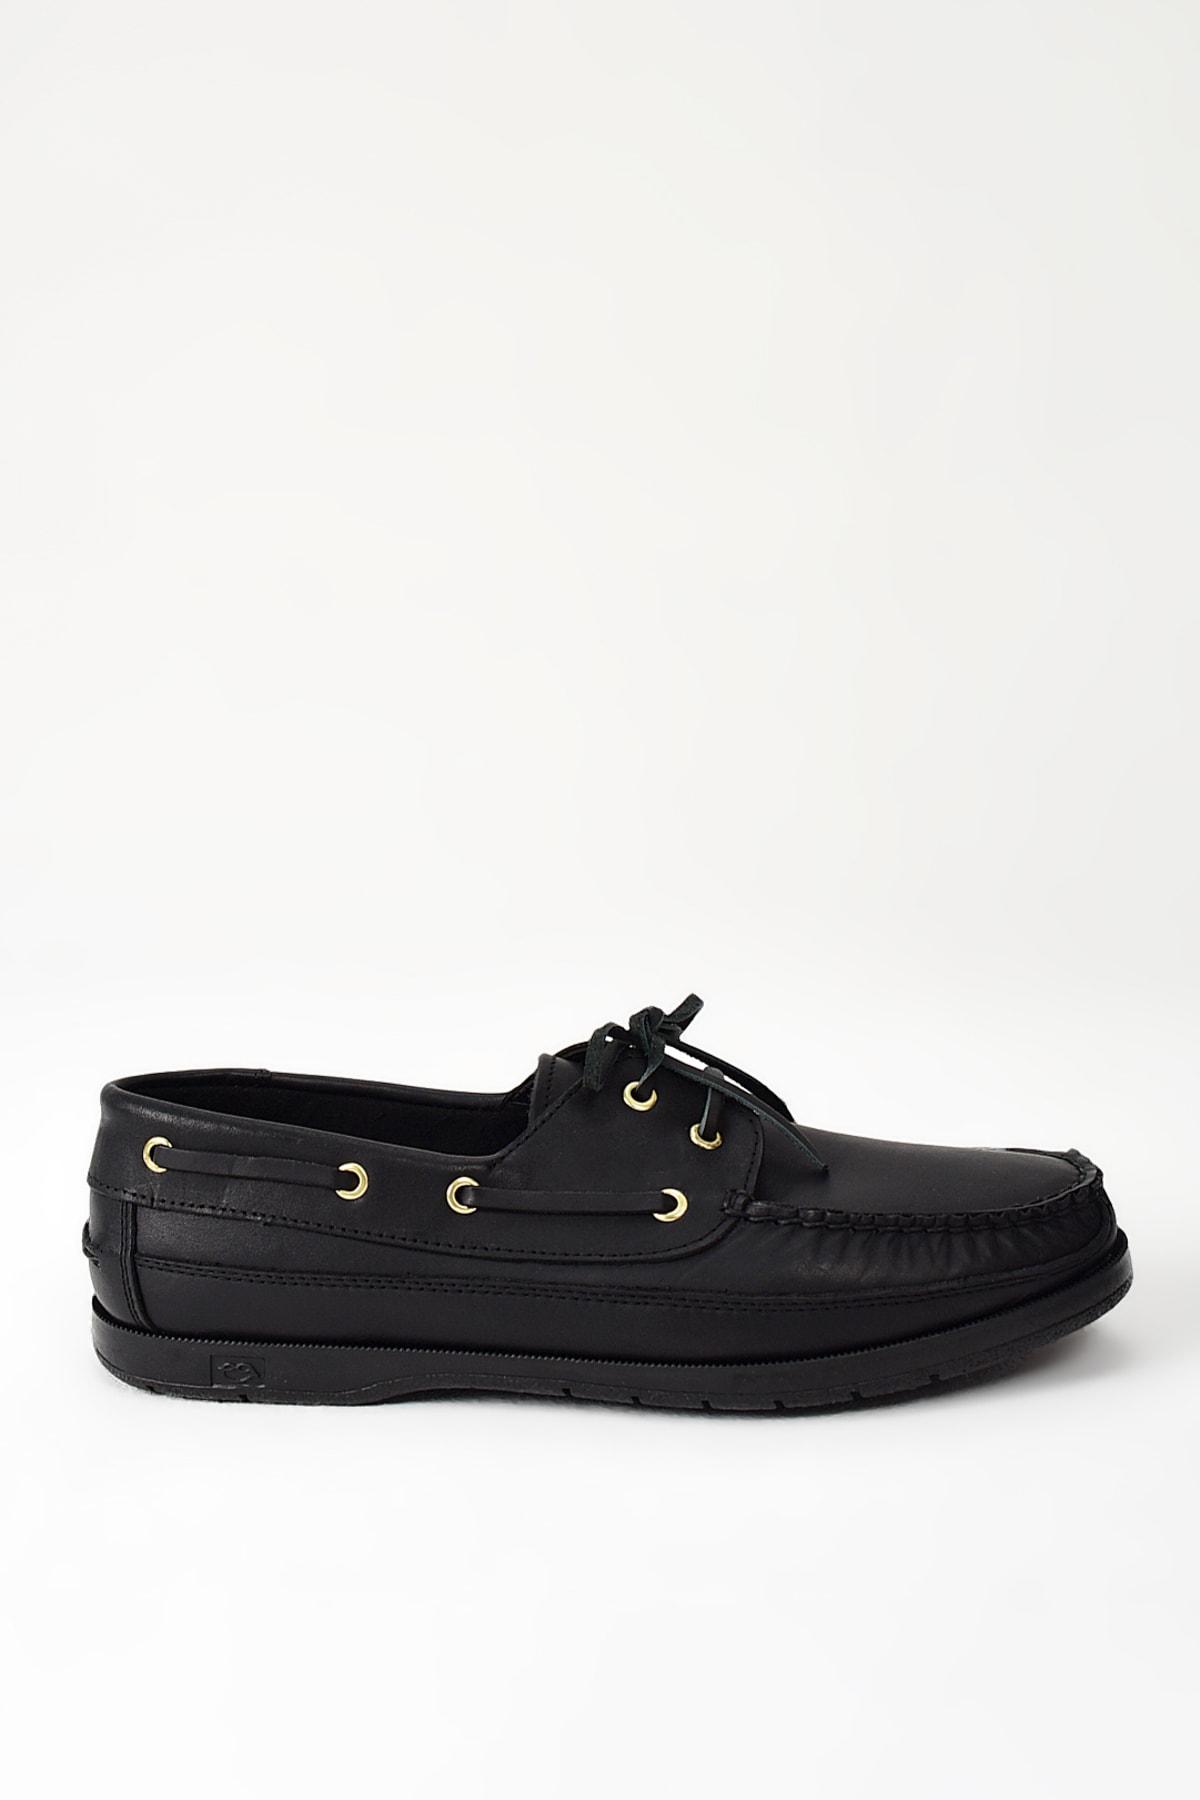 Ziya Hakiki Deri Siyah Erkek Ayakkabı 101119 29 1 1